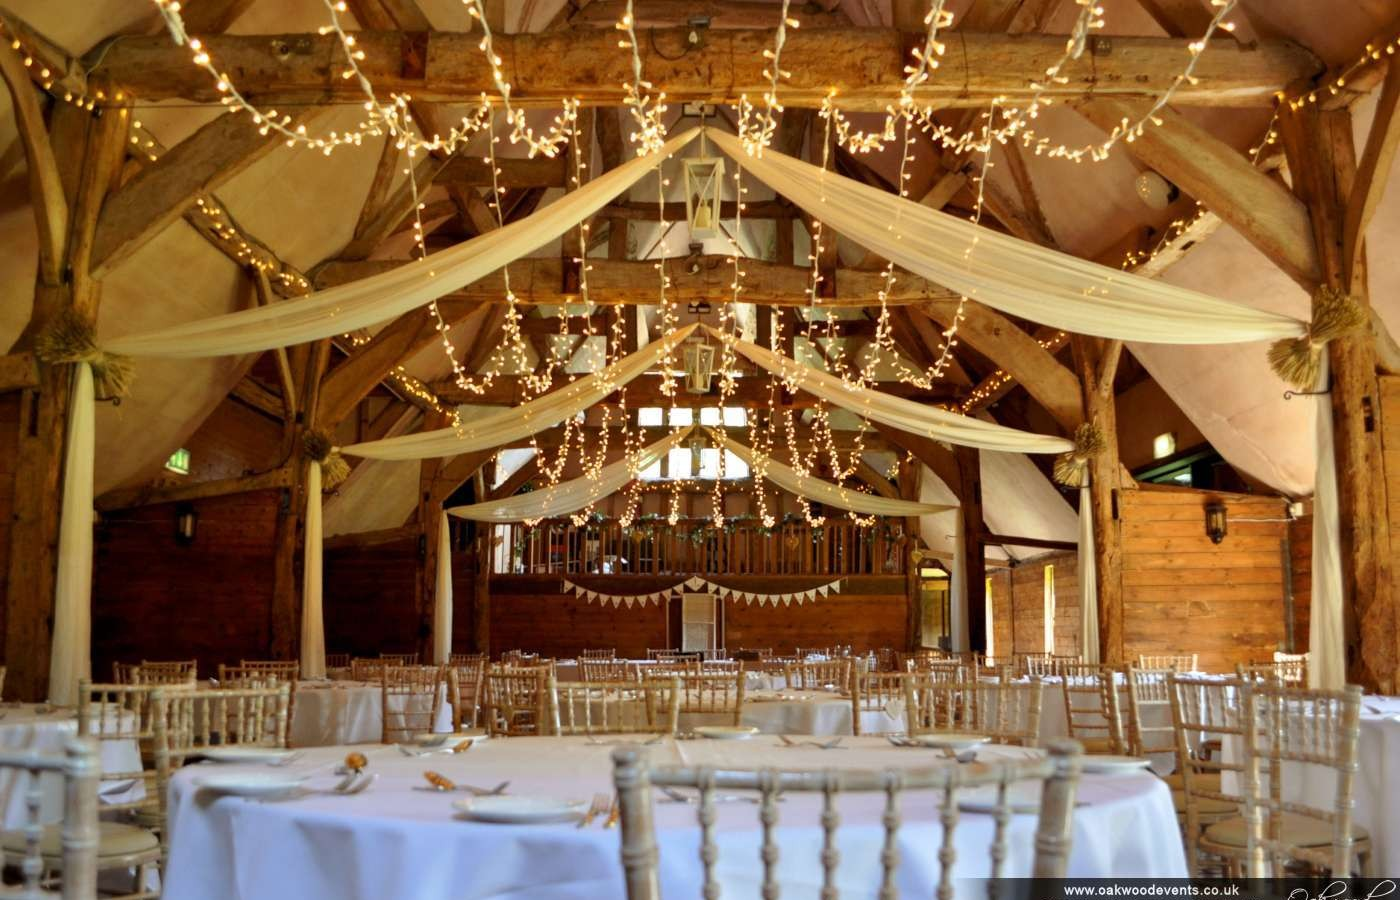 Lains Barn Fairy Lights